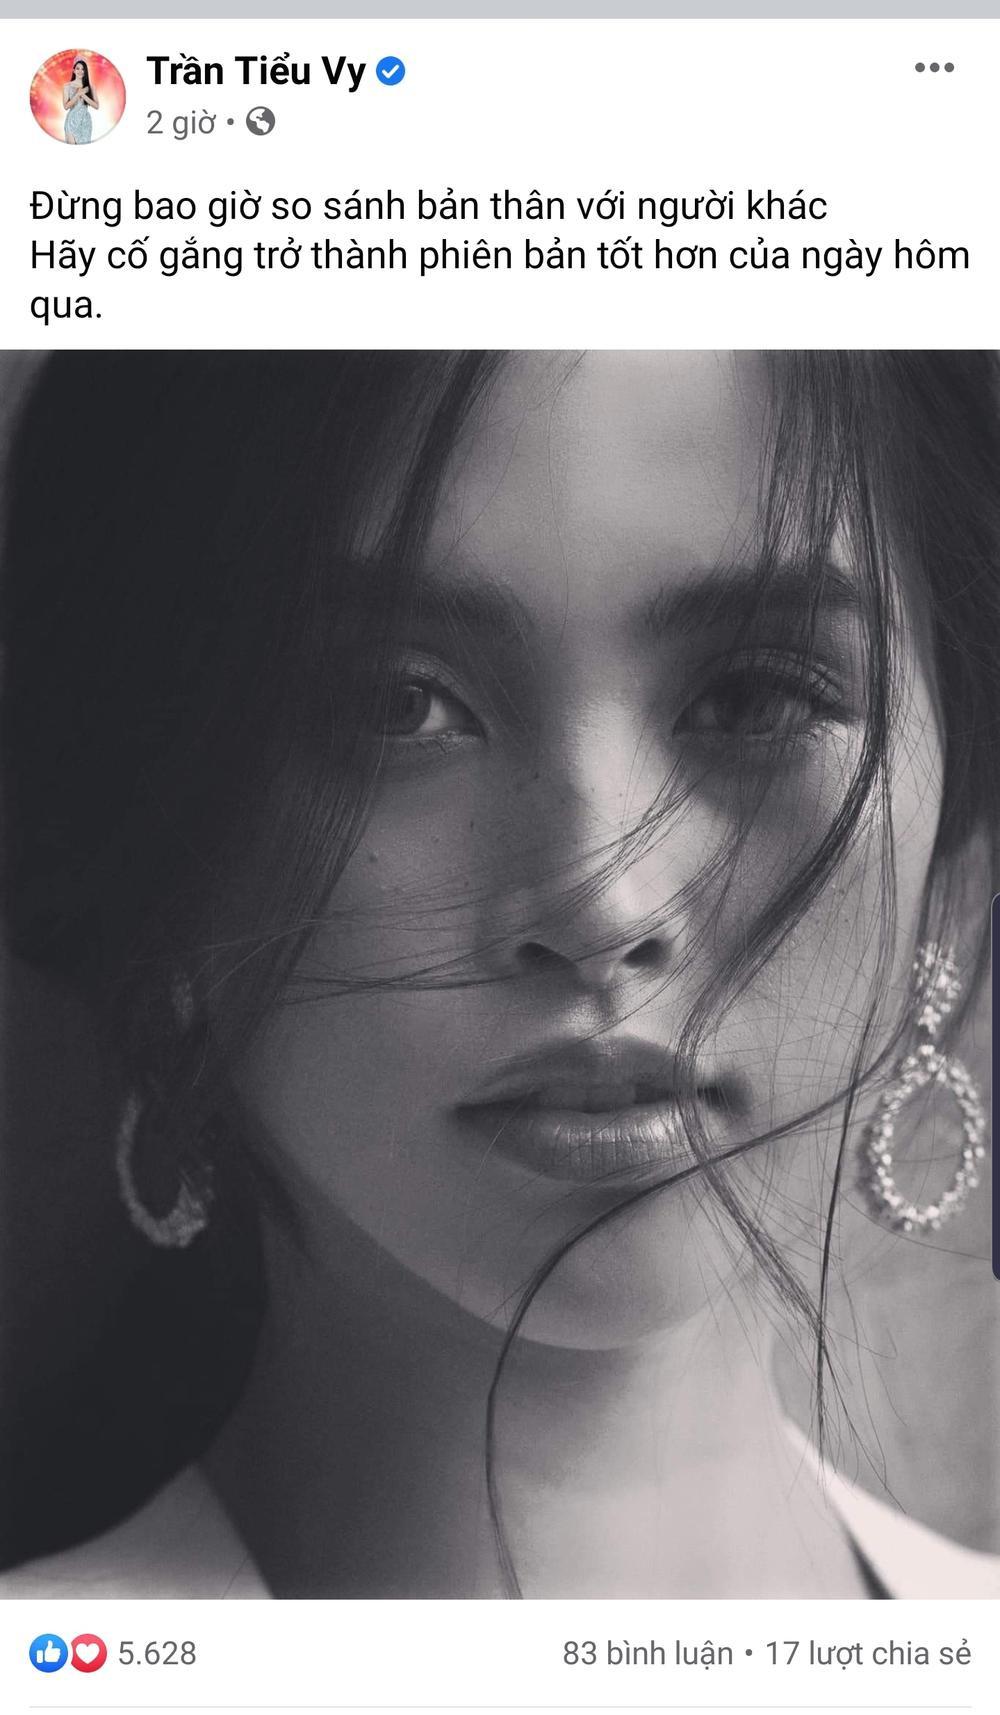 Tiểu Vy chia sẻ khi bị chê thiếu kinh nghiệm làm giám khảo, Mai Phương Thúy vào khen 'đẹp nhất thế giới' Ảnh 1